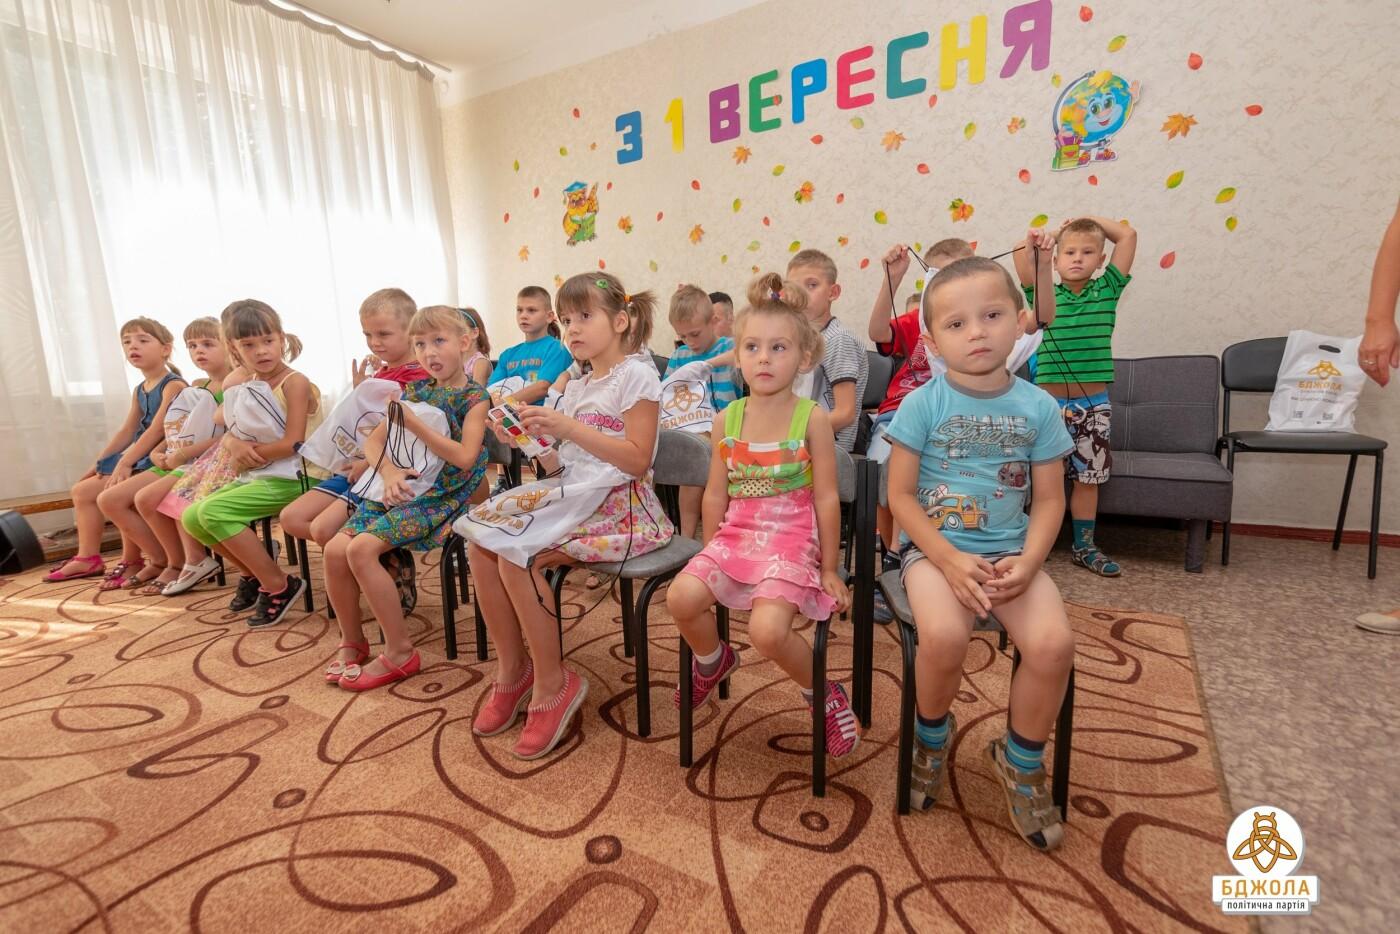 Активисты ПП «Бджола» навестили воспитанников Центра социально-психологической реабилитации детей, фото-4